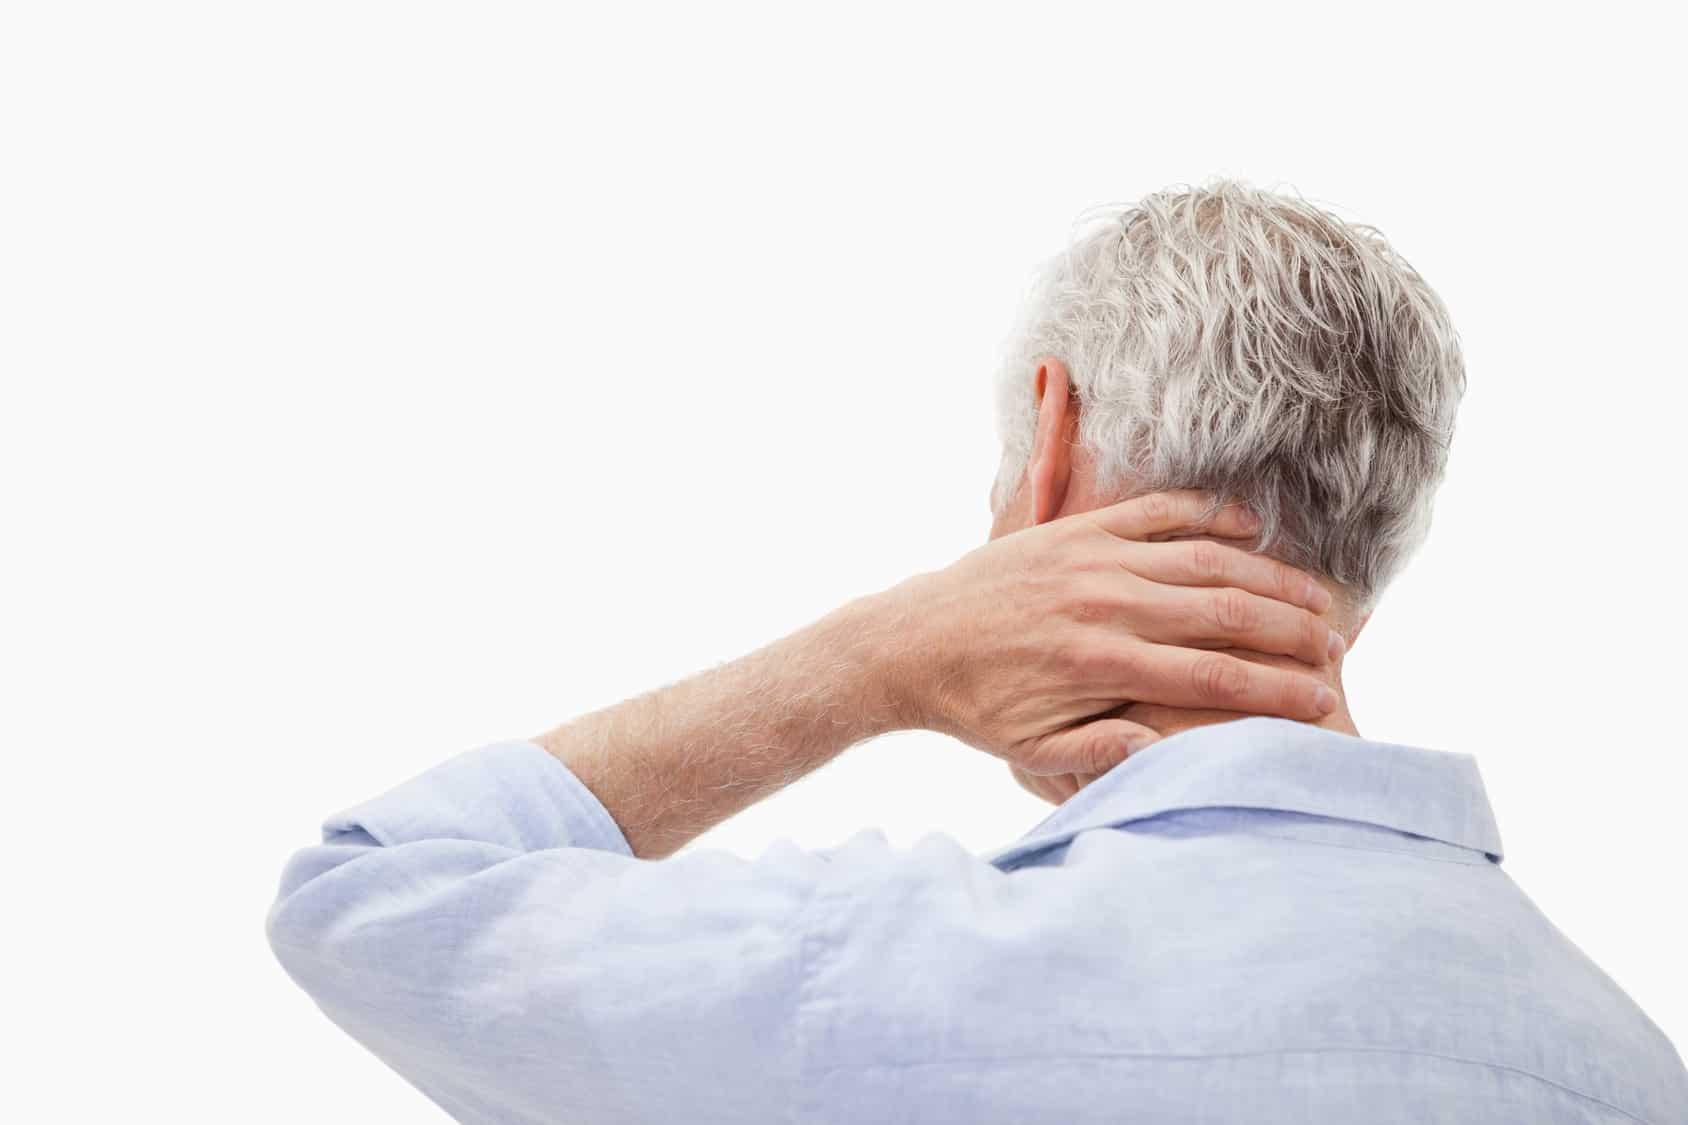 Влияет ли шейный остеохондроз на артериальное давление и гипертонию: лечение и взаимосвязь